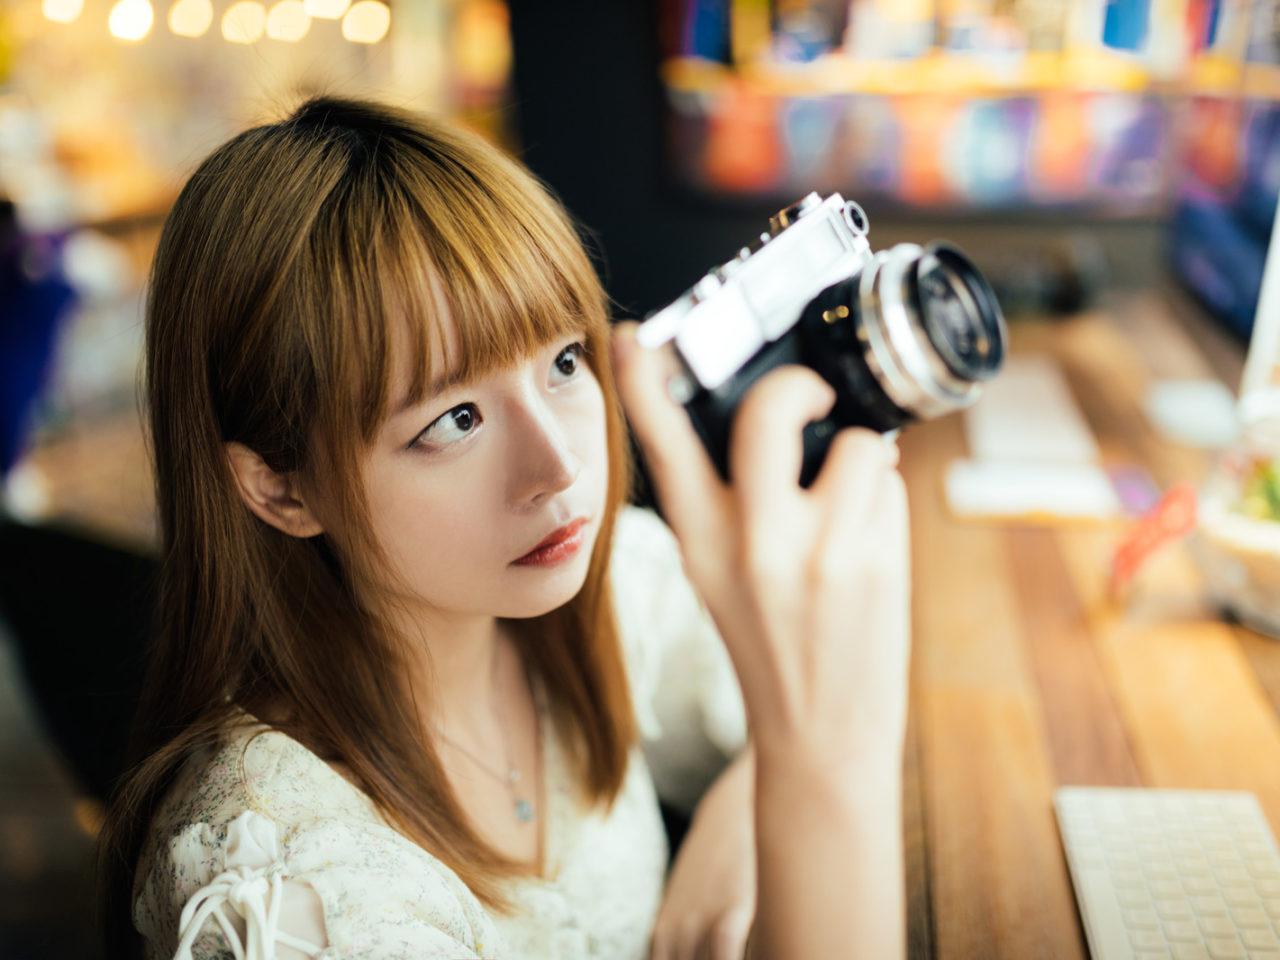 インスタの検索で日本人だけを表示させる方法はある?【Instagram】のサムネイル画像